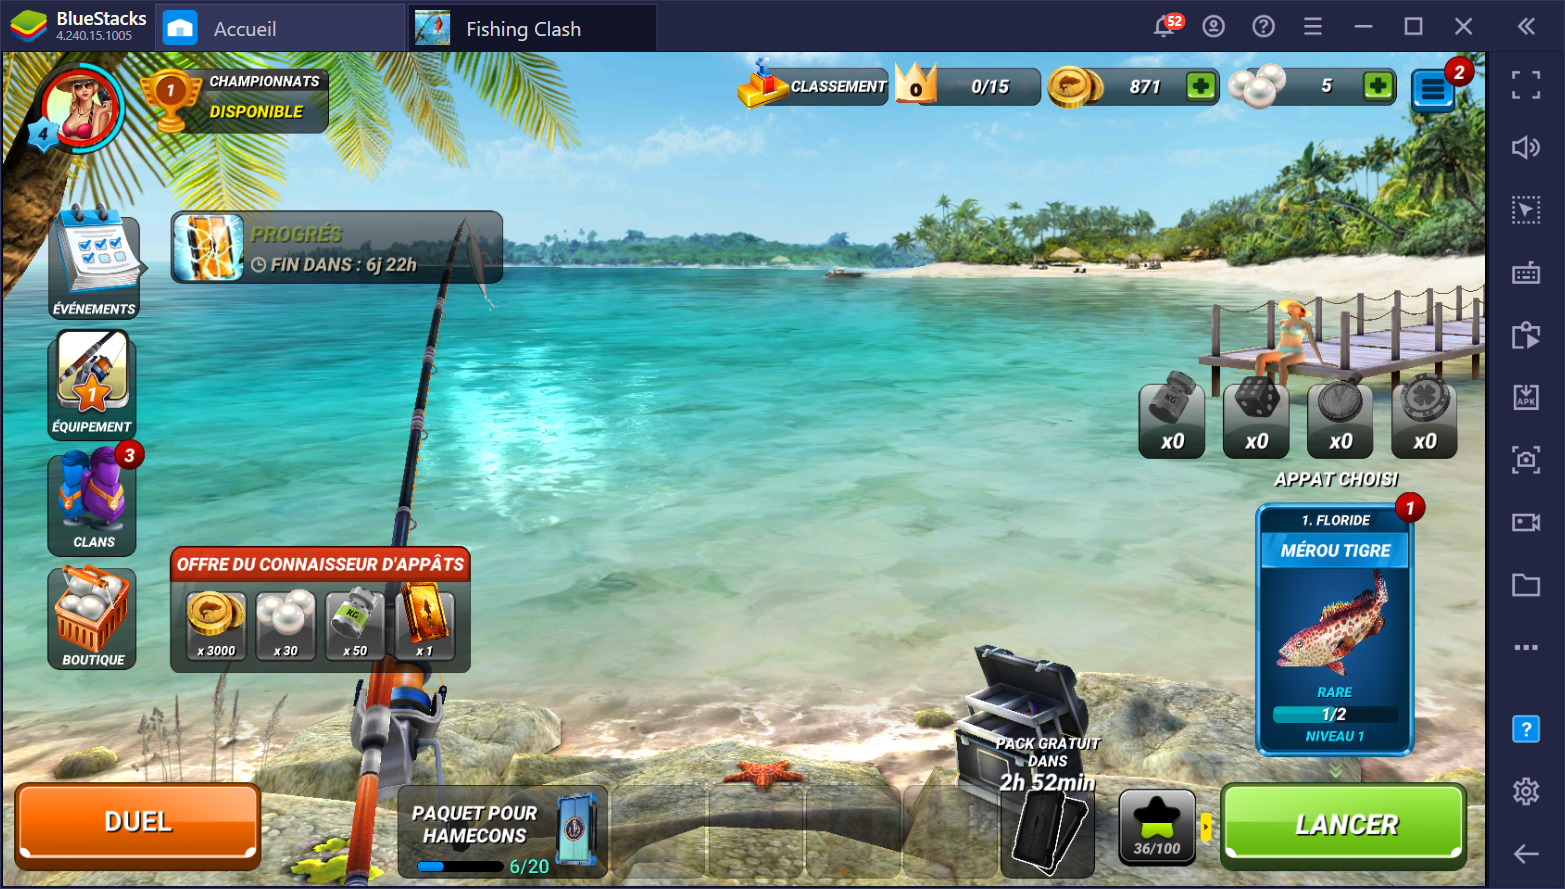 Fishing Clash – Le guide complet sur les cannes à pêche